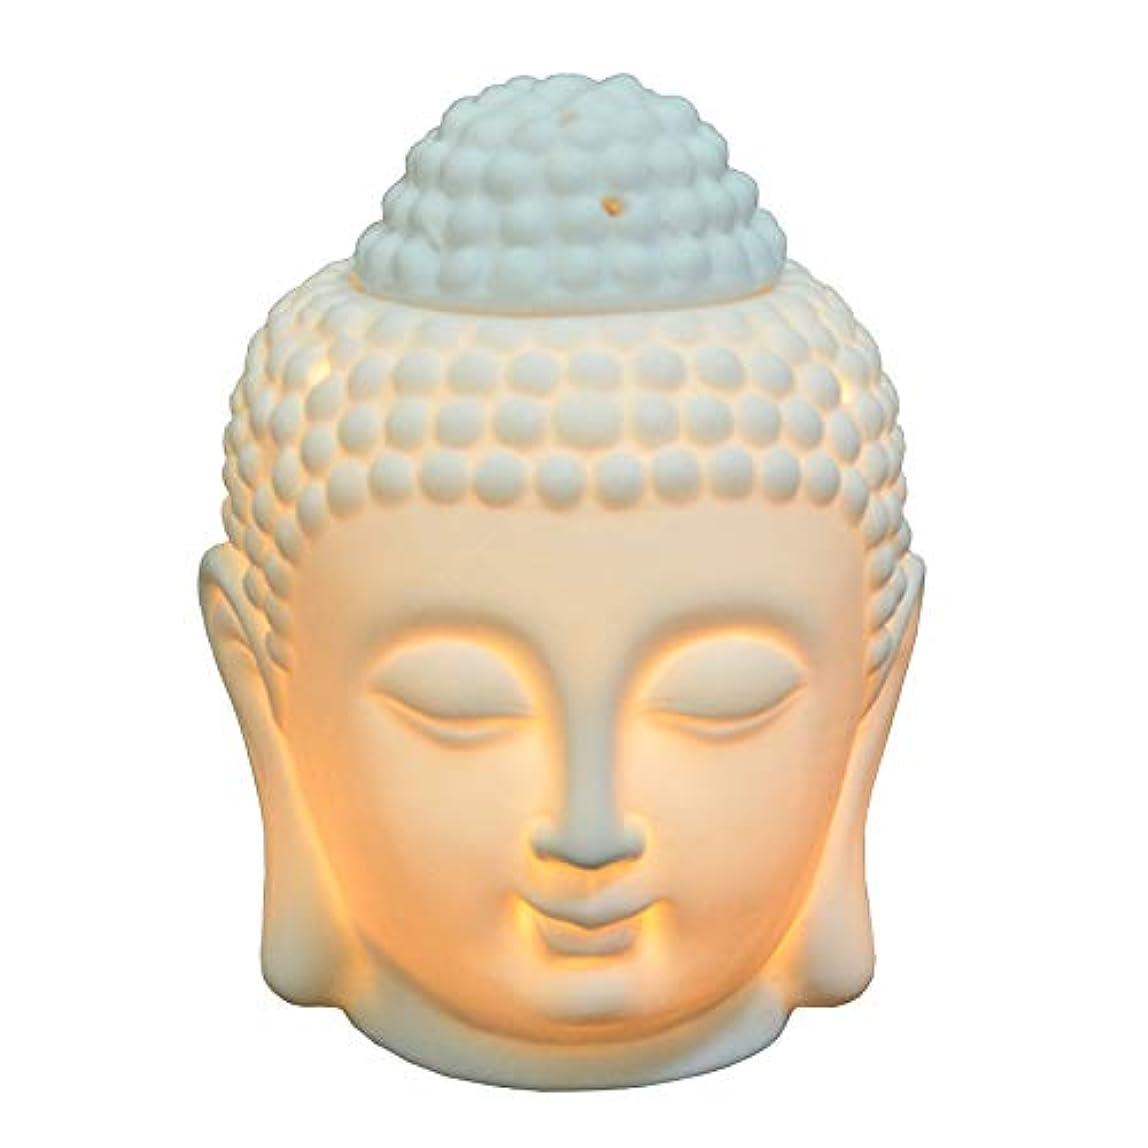 バスルーム平らなスティック仏頭像オイルバーナー半透明セラミックアロマディフューザー家の装飾